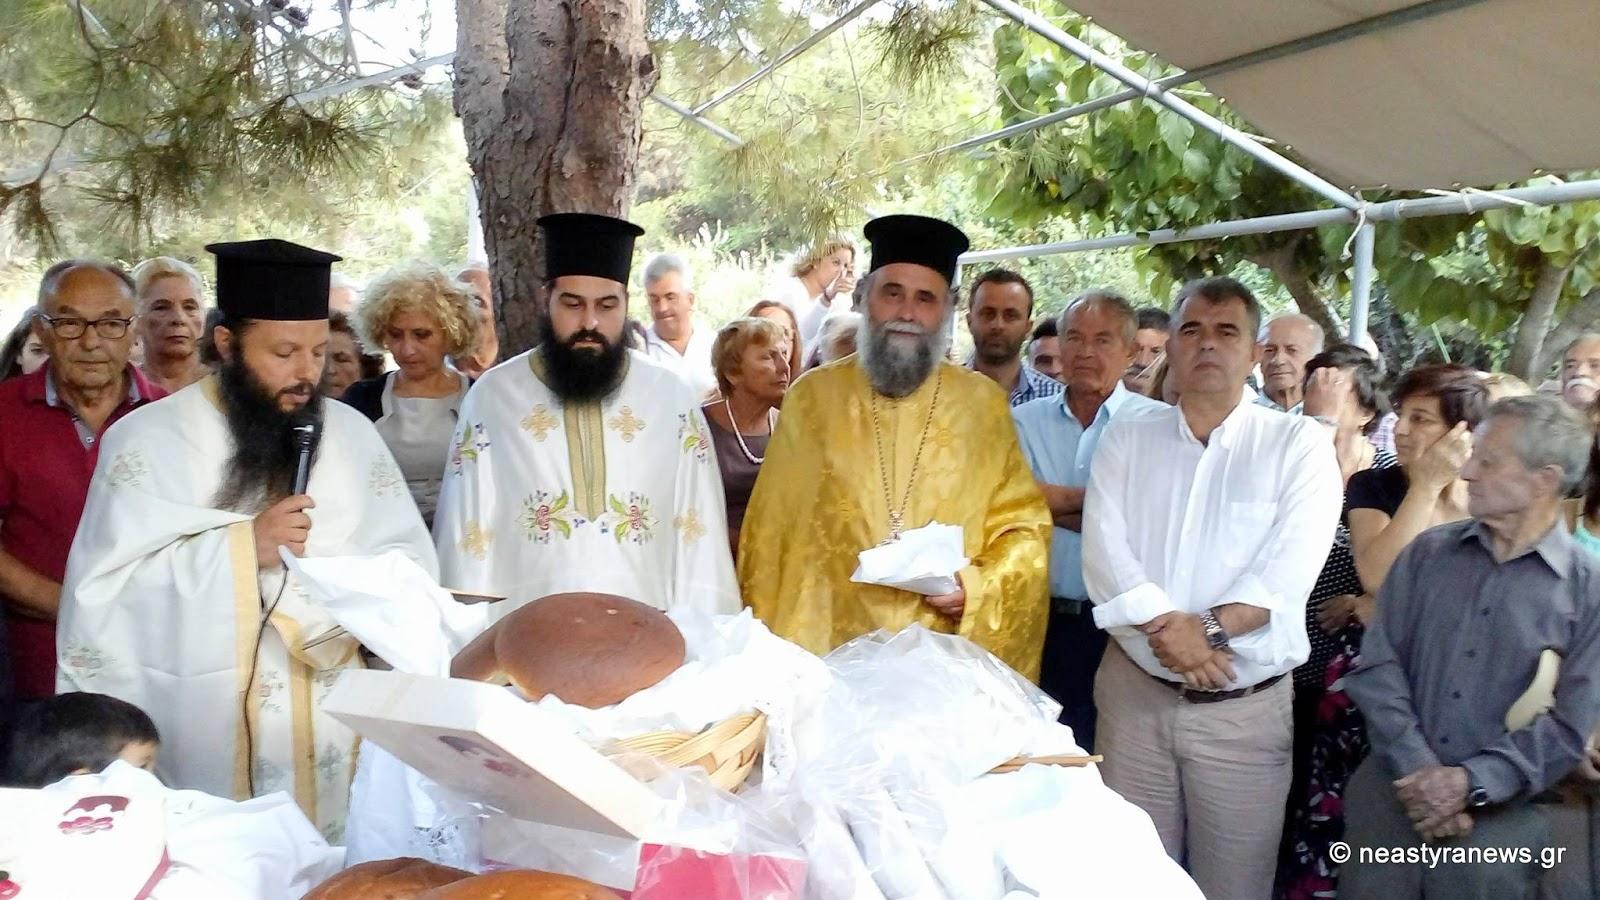 Με ιδιαίτερη λαμπρότητα εορτάστηκε και φέτος η εορτή της Αγίας Μαρίνας στο Μαρμάρι της Νότιας Εύβοιας